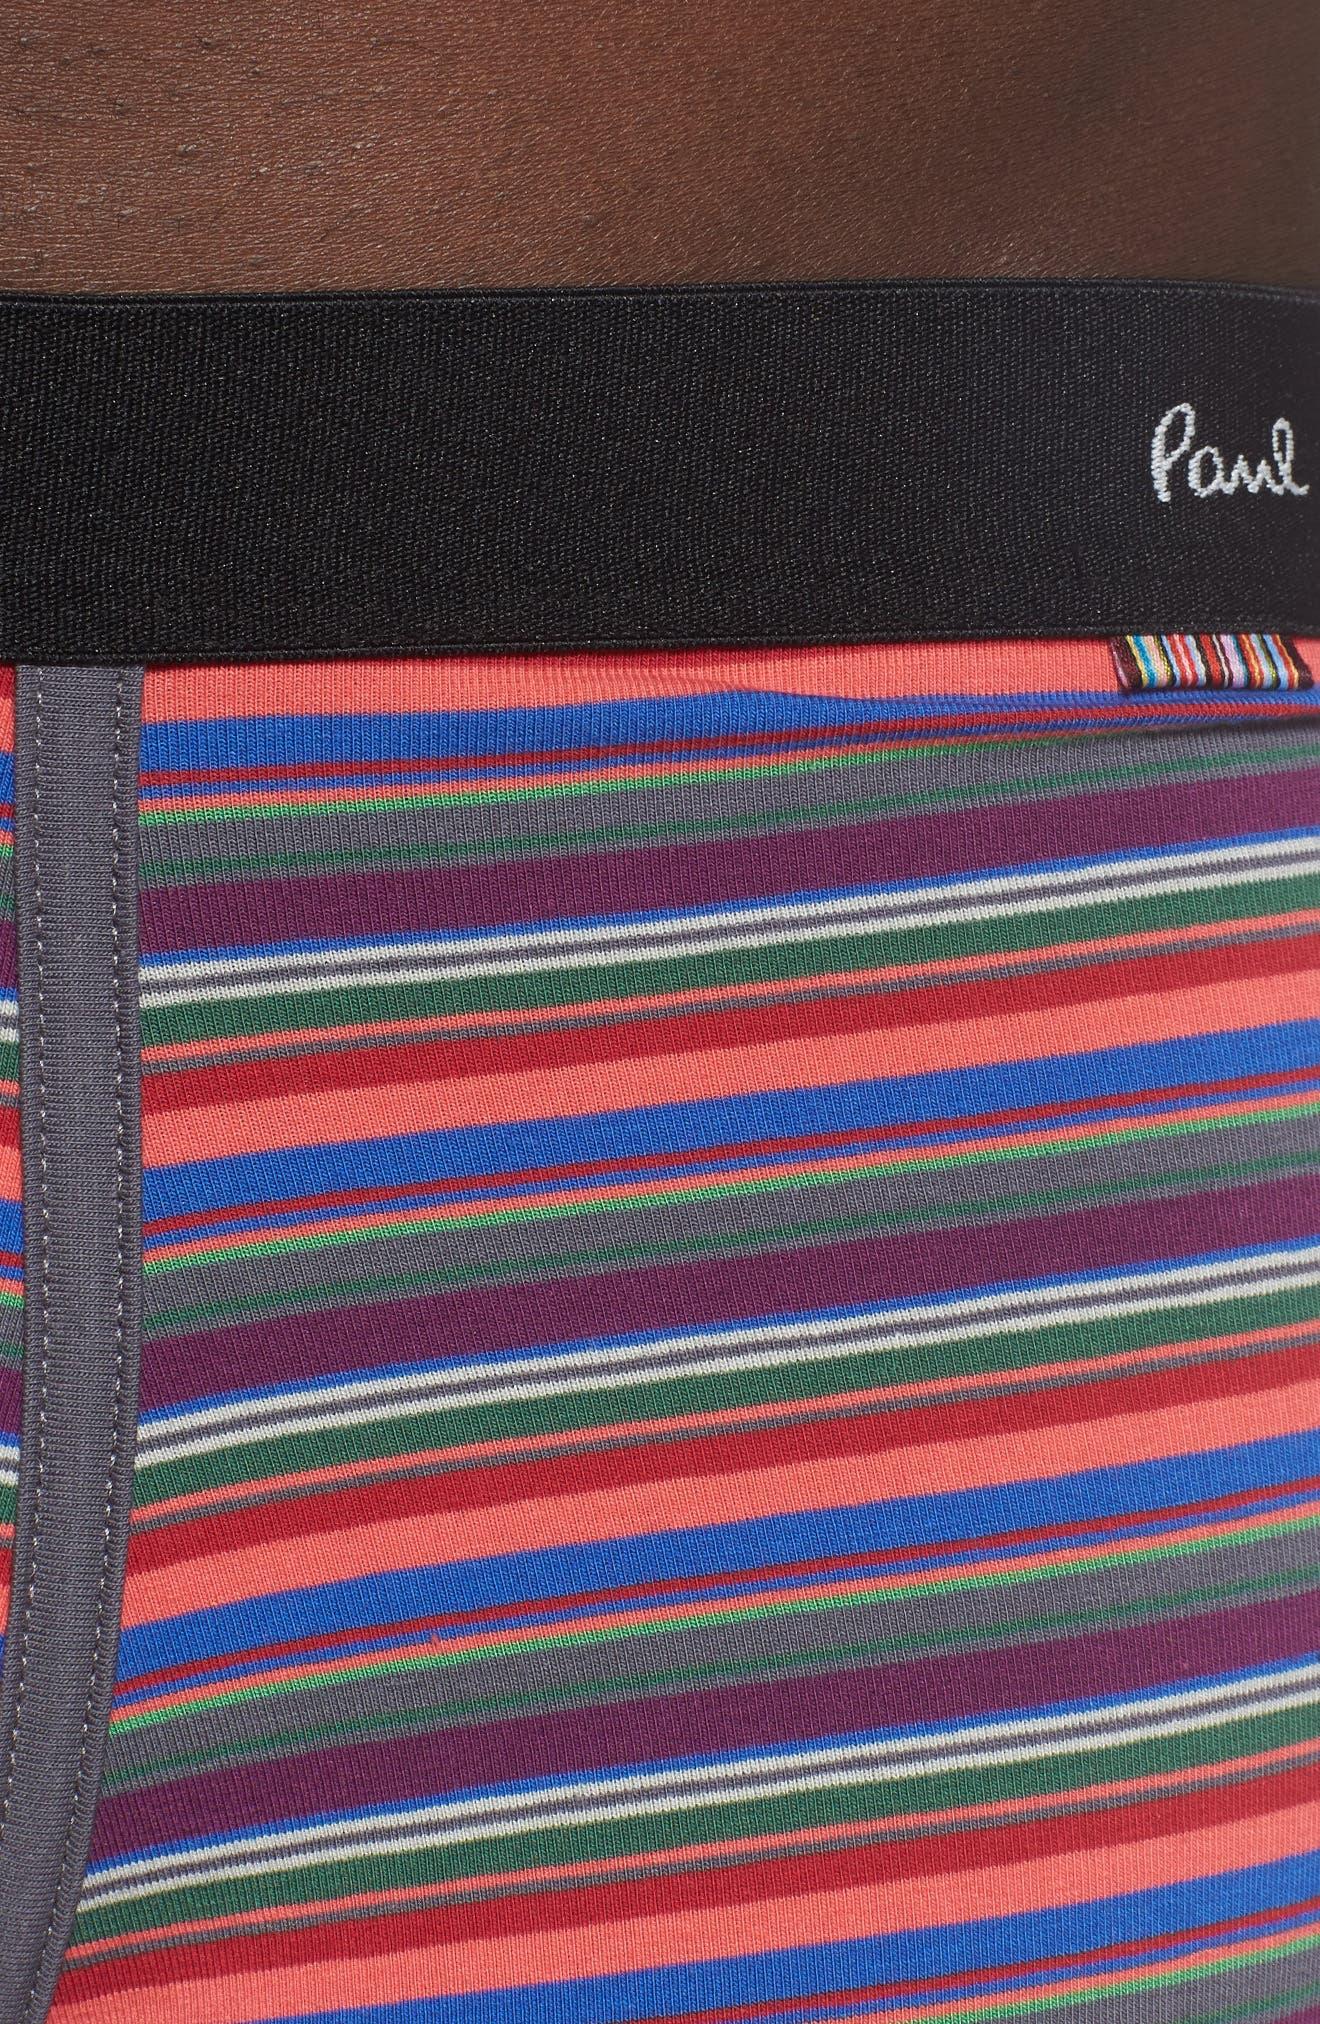 Long Leg Stretch Cotton Boxer Briefs,                             Alternate thumbnail 4, color,                             RED